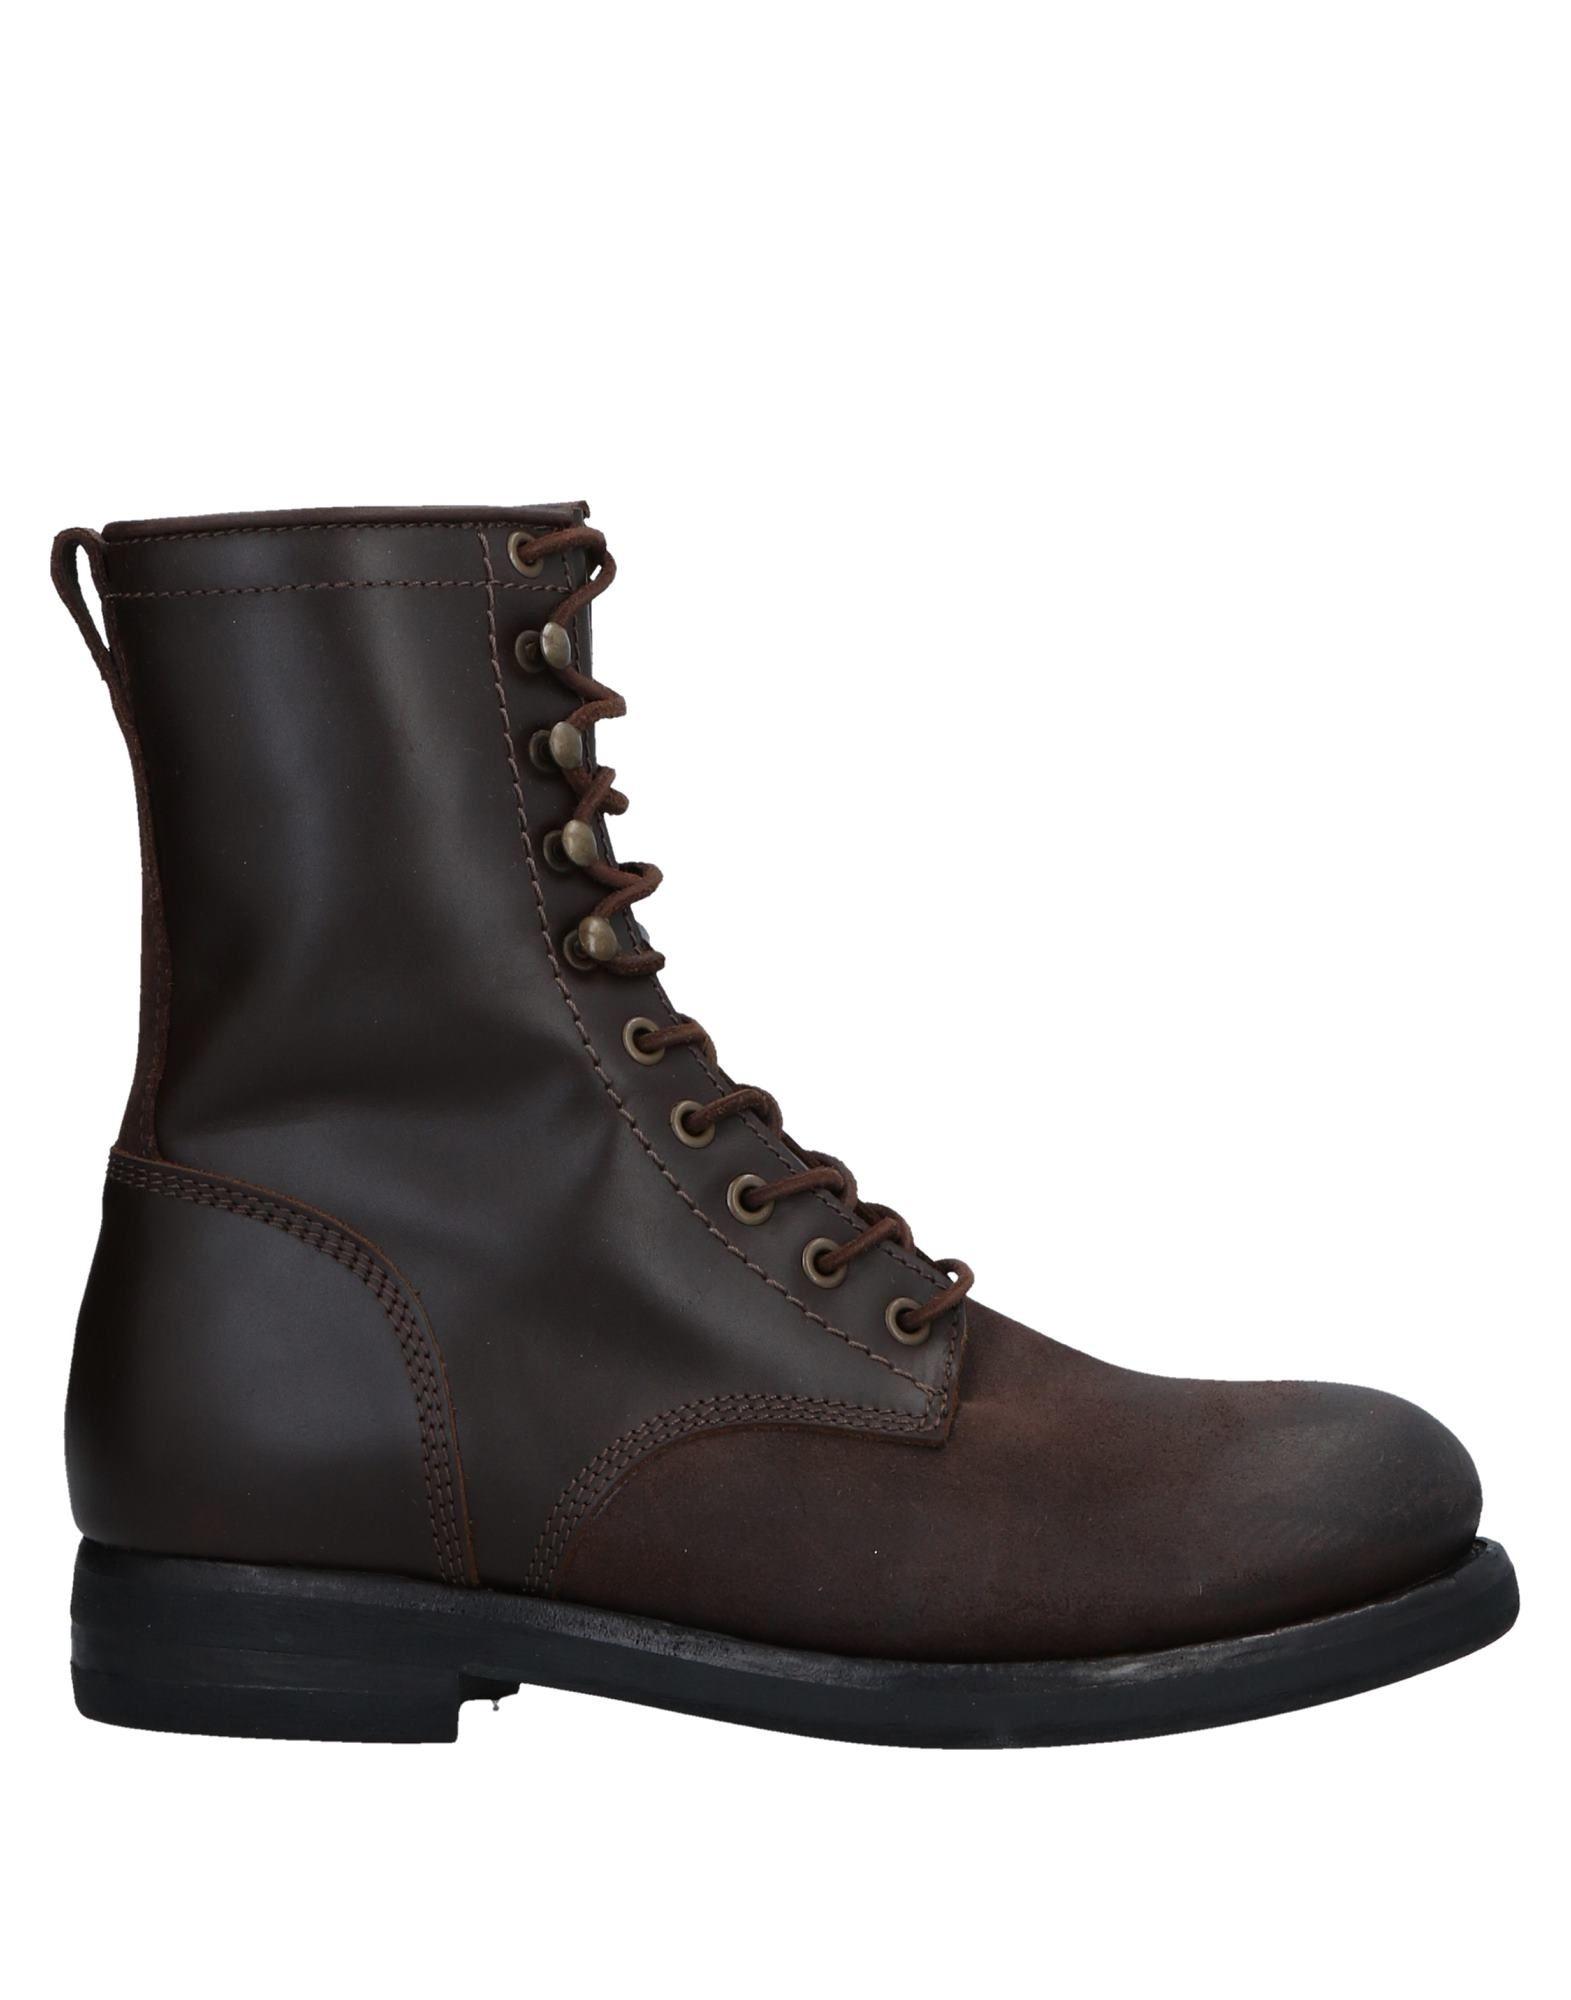 Bernardo M Stiefelette Herren  11523370QO Gute Qualität beliebte Schuhe